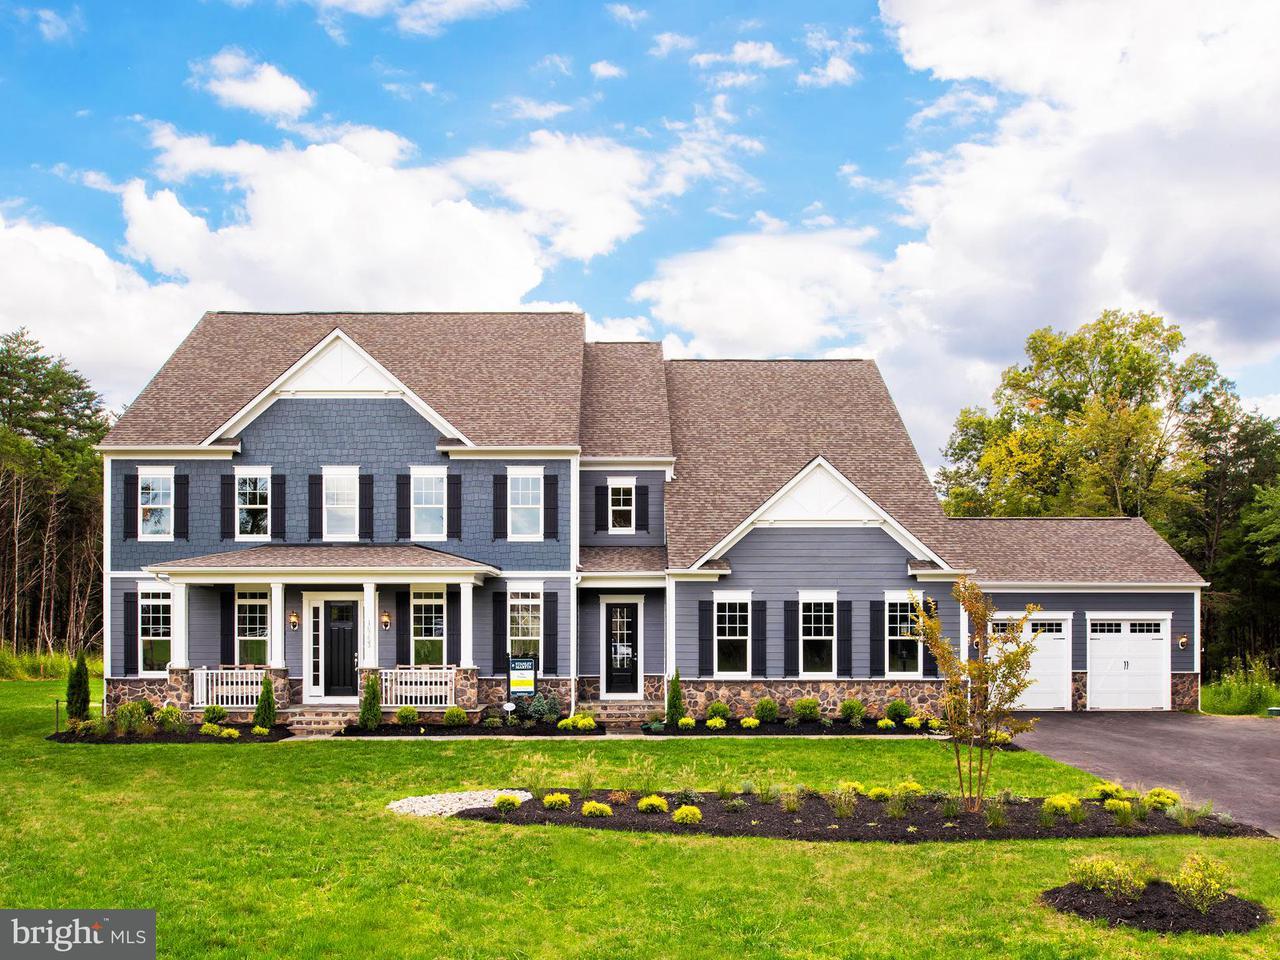 Μονοκατοικία για την Πώληση στο 16753 LORD SUDLEY Drive 16753 LORD SUDLEY Drive Centreville, Βιρτζινια 20120 Ηνωμενεσ Πολιτειεσ